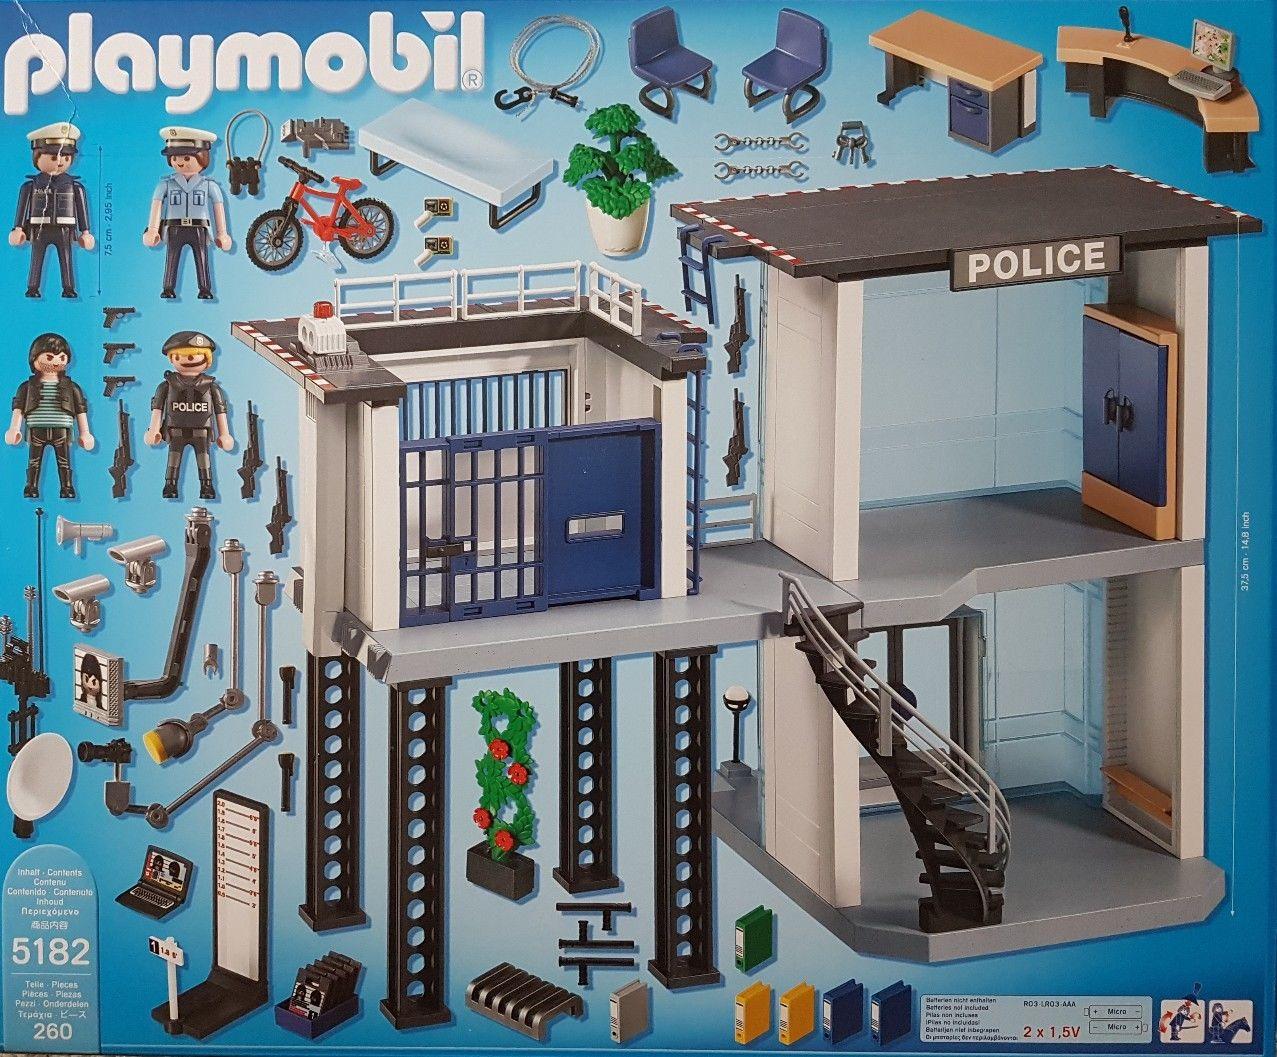 Playmobil 5182 Polizei Kommandostation Mit Alarmanlage bei Polizeiwache Playmobil